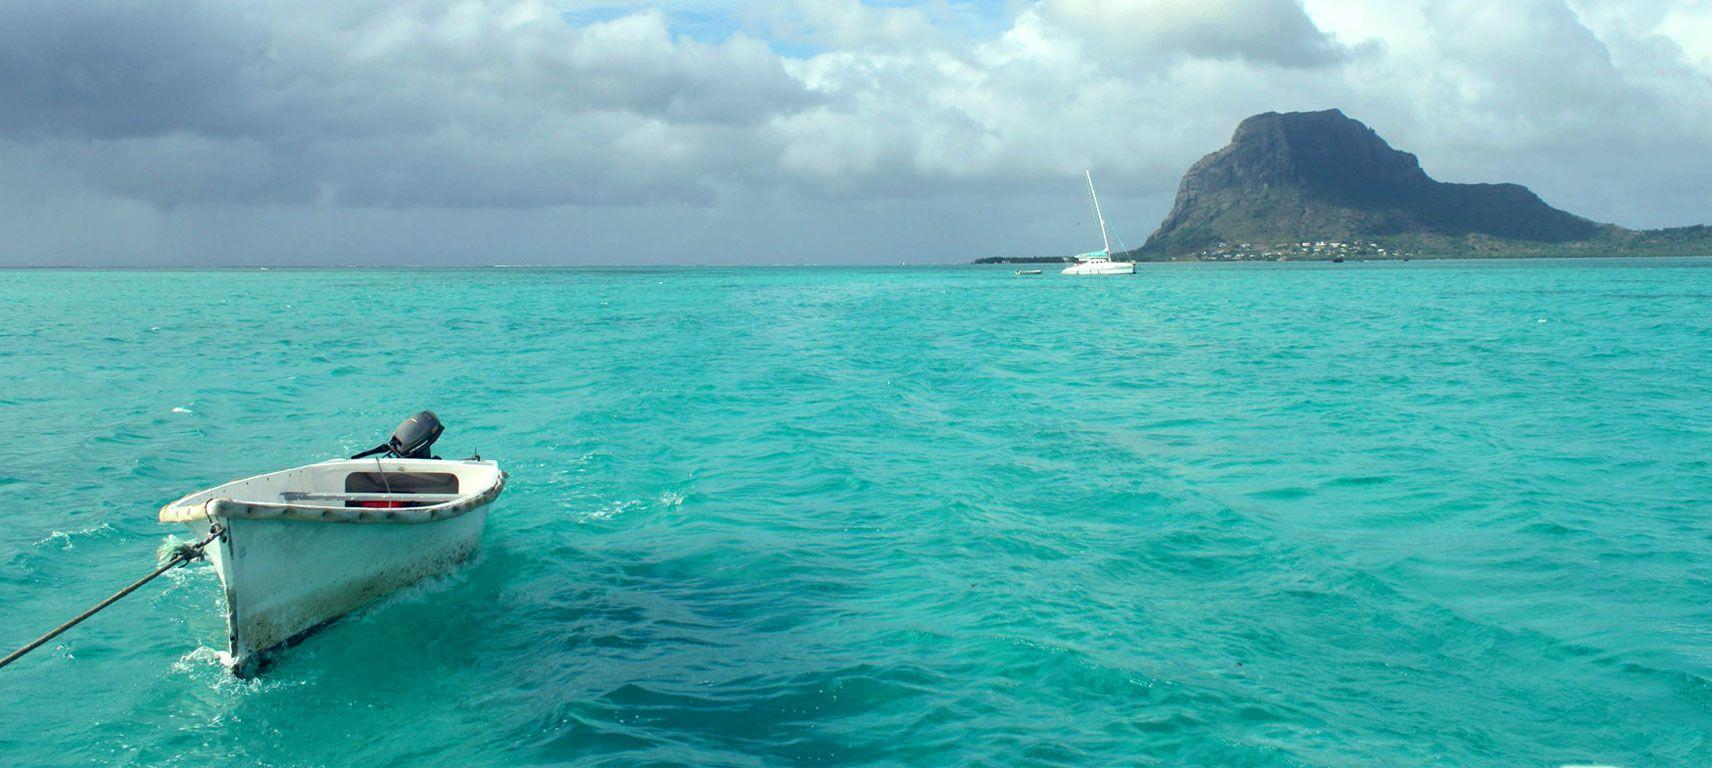 Triangolo delle Bermuda: mistero svelato da studiosi norvegesi